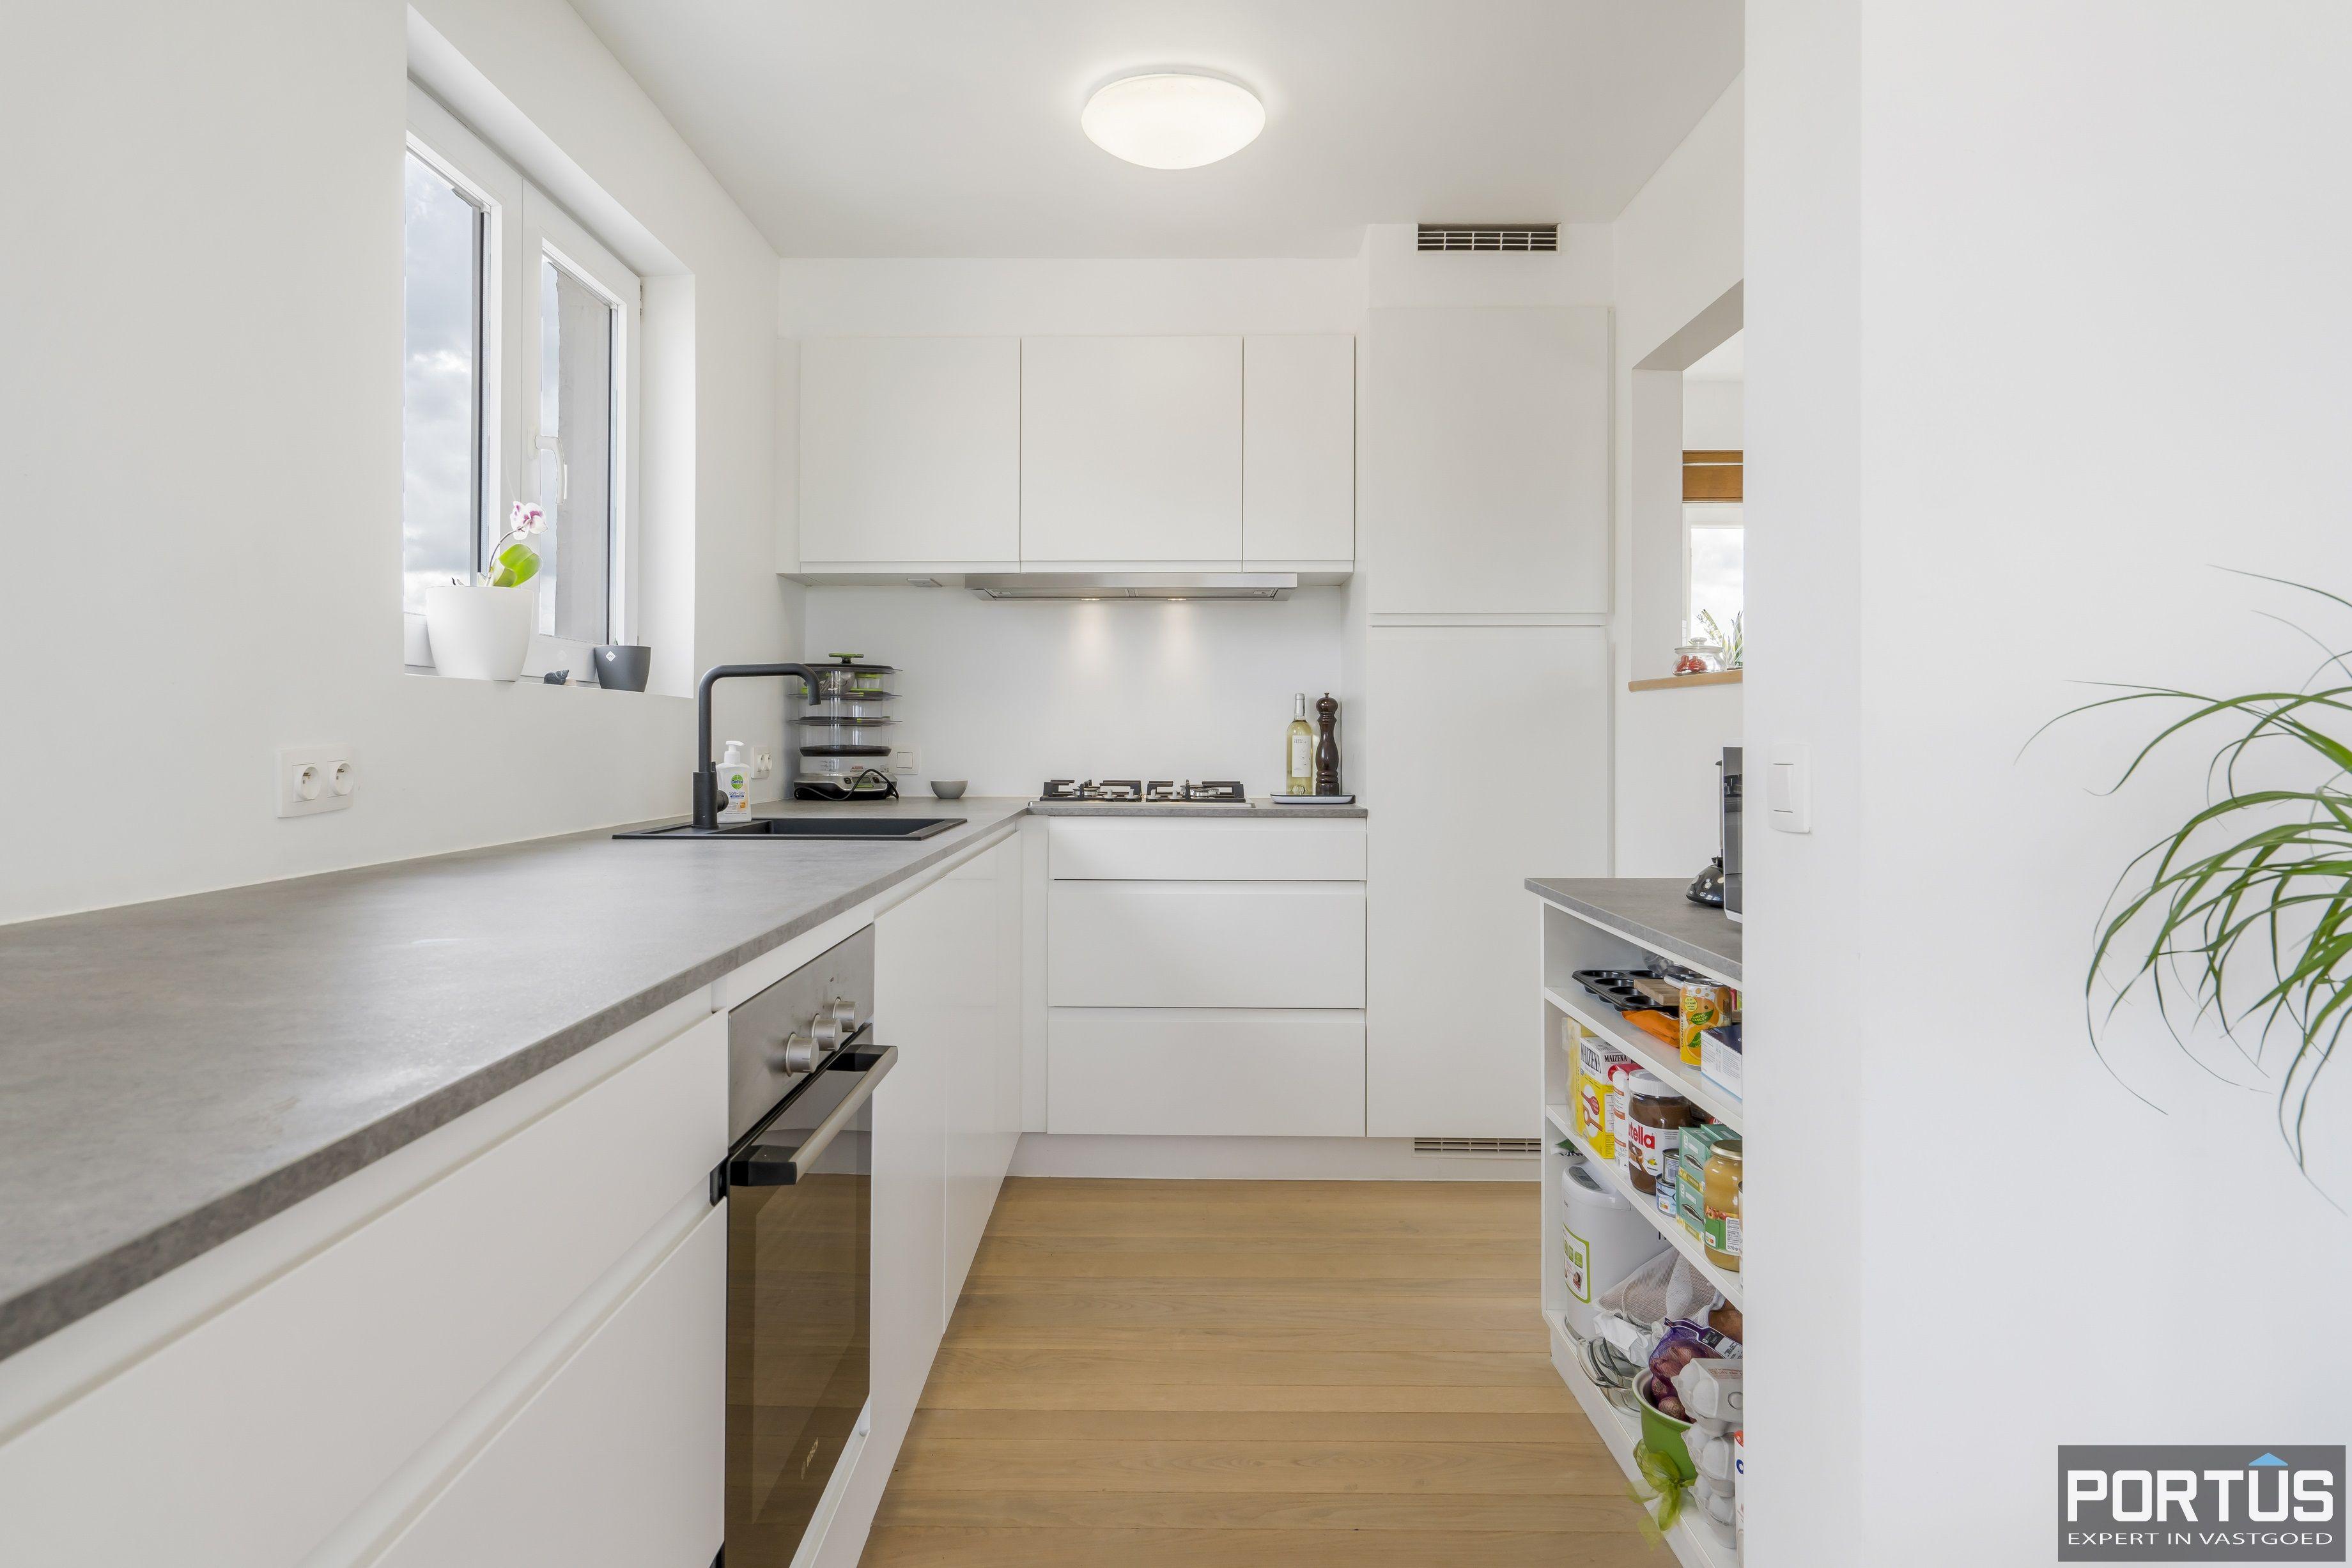 Appartement met 3 slaapkamers te koop te Westende - 12866